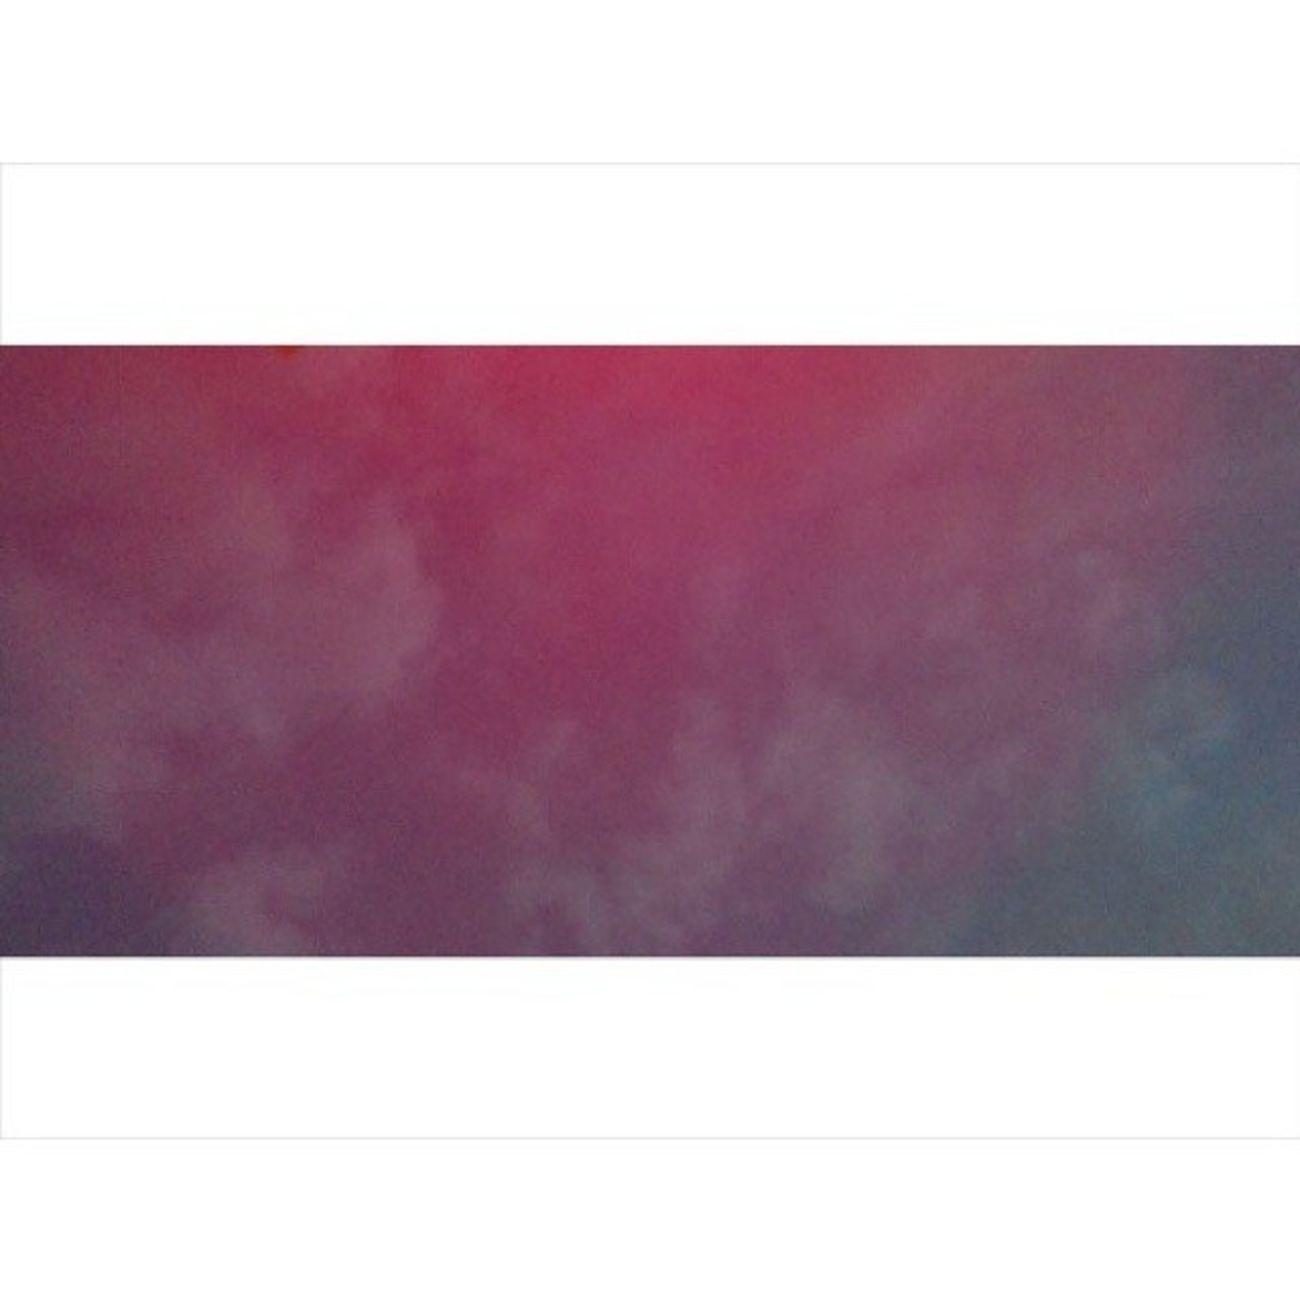 çektiğim En Güzel Fotograf skyclouds